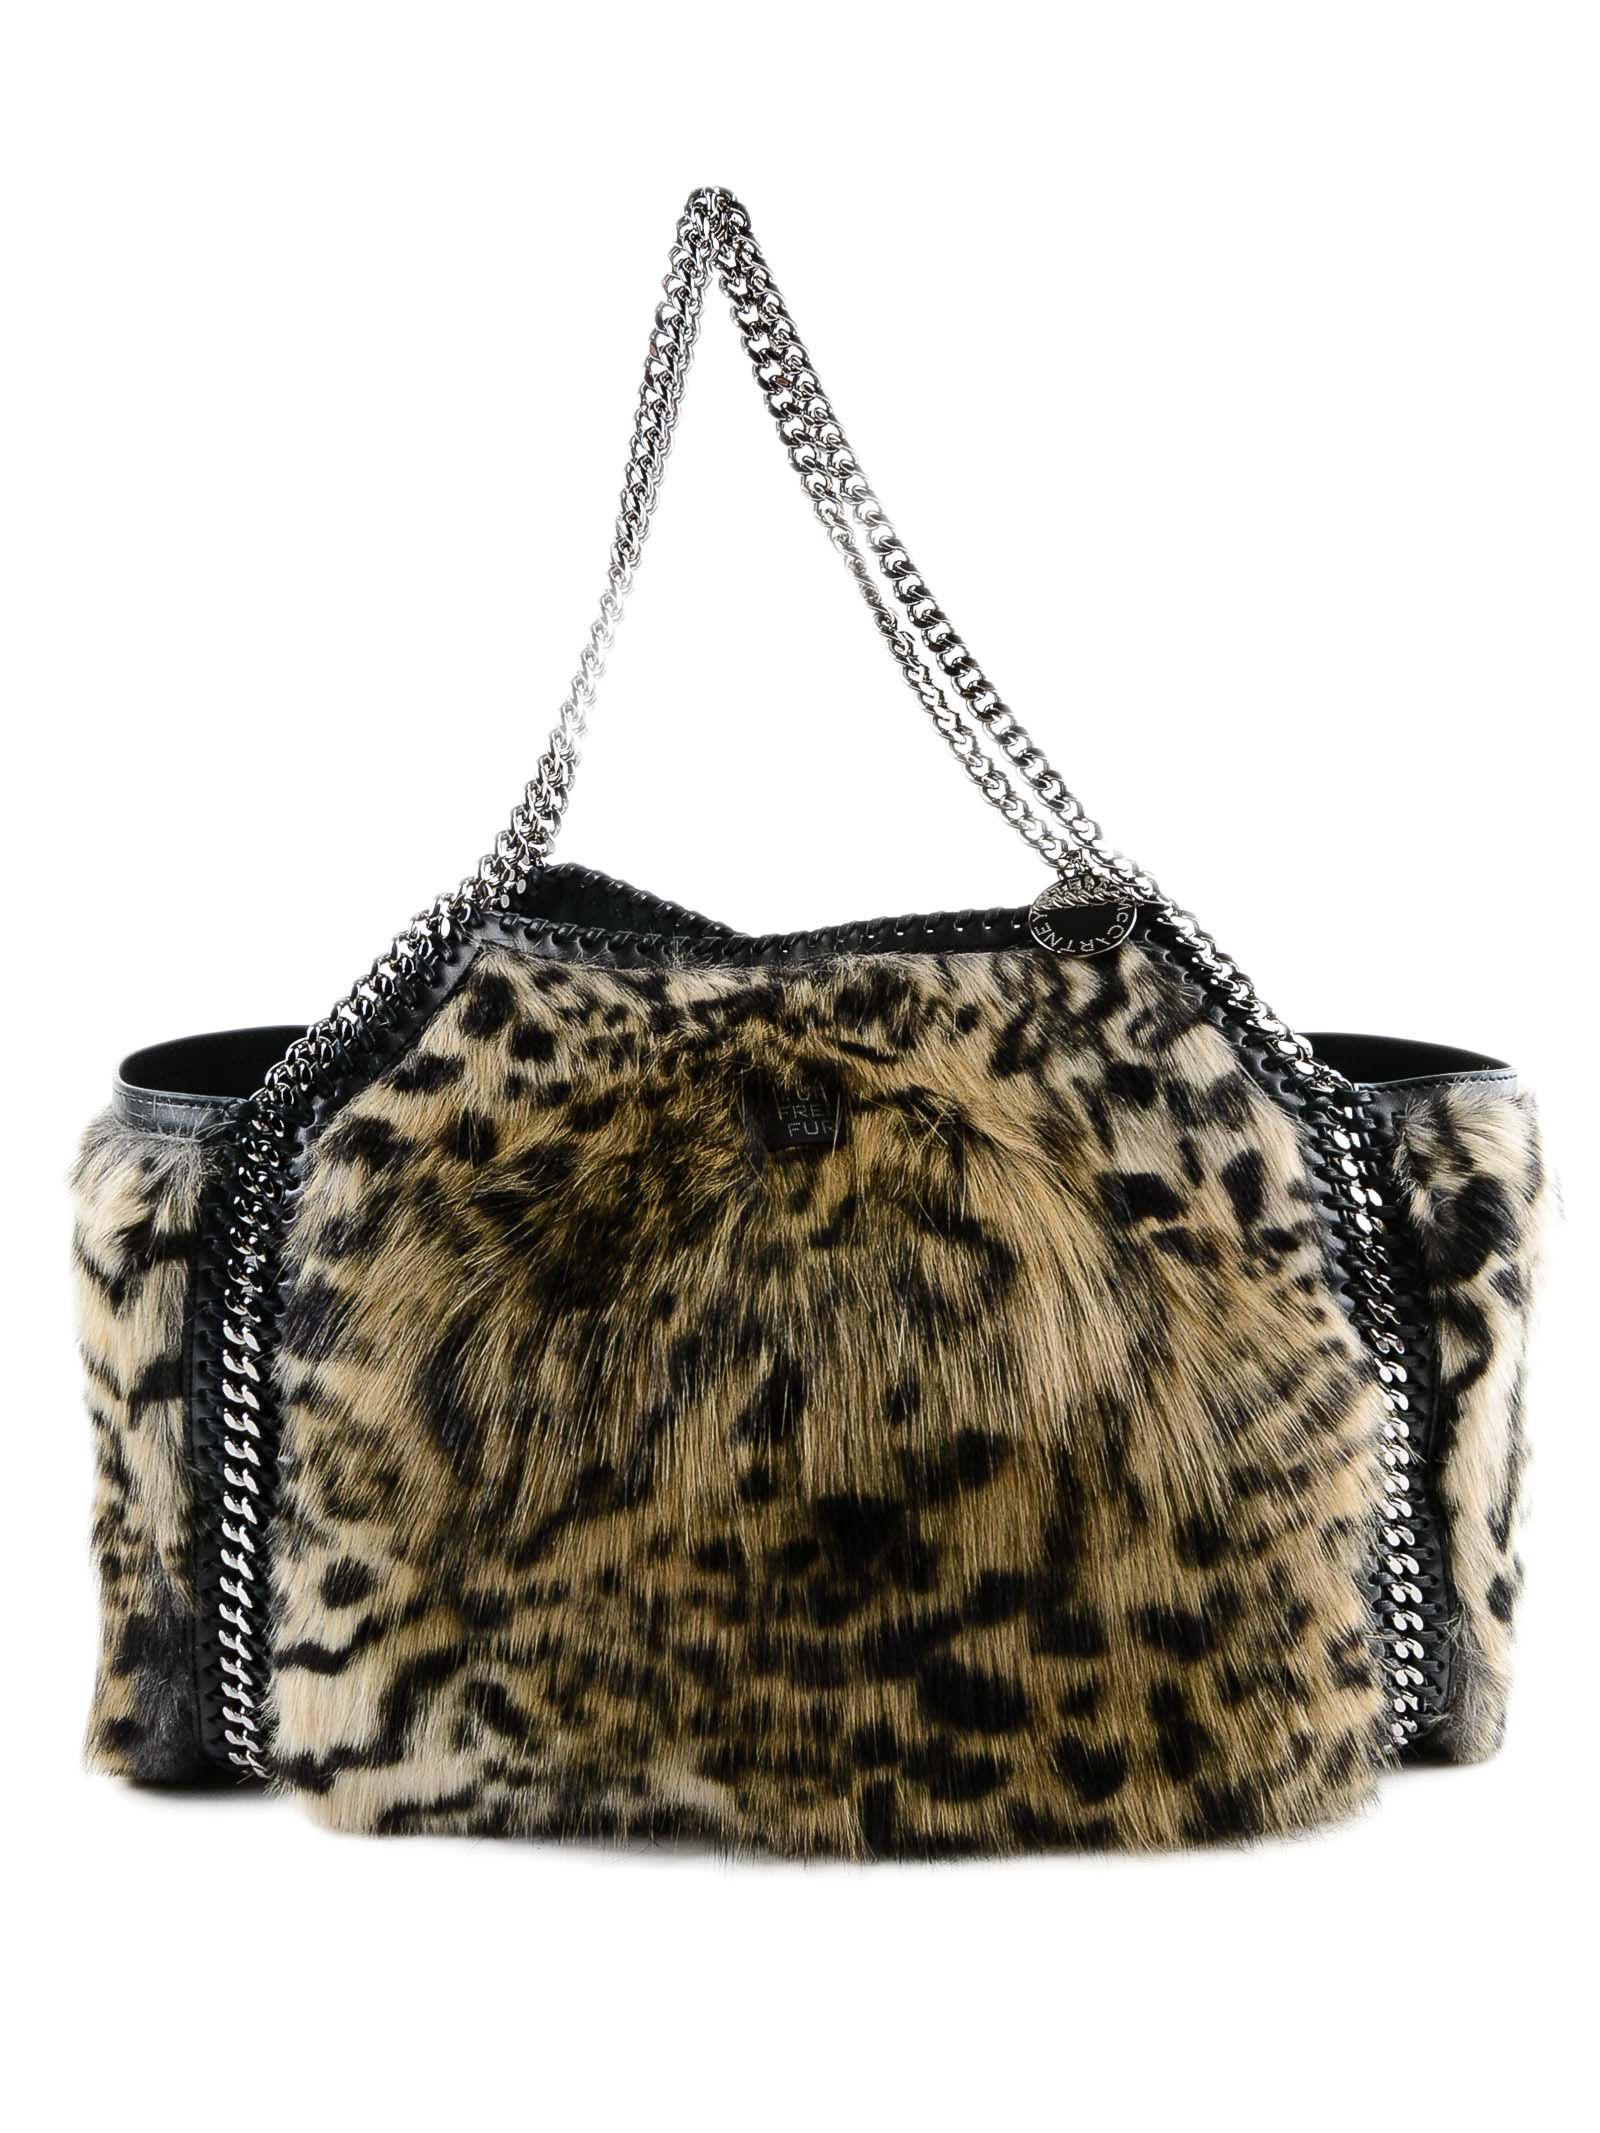 Lyst - Stella McCartney Snow Cat Fur Free Falabella Small Tote Bag ... 24f65de434c3e